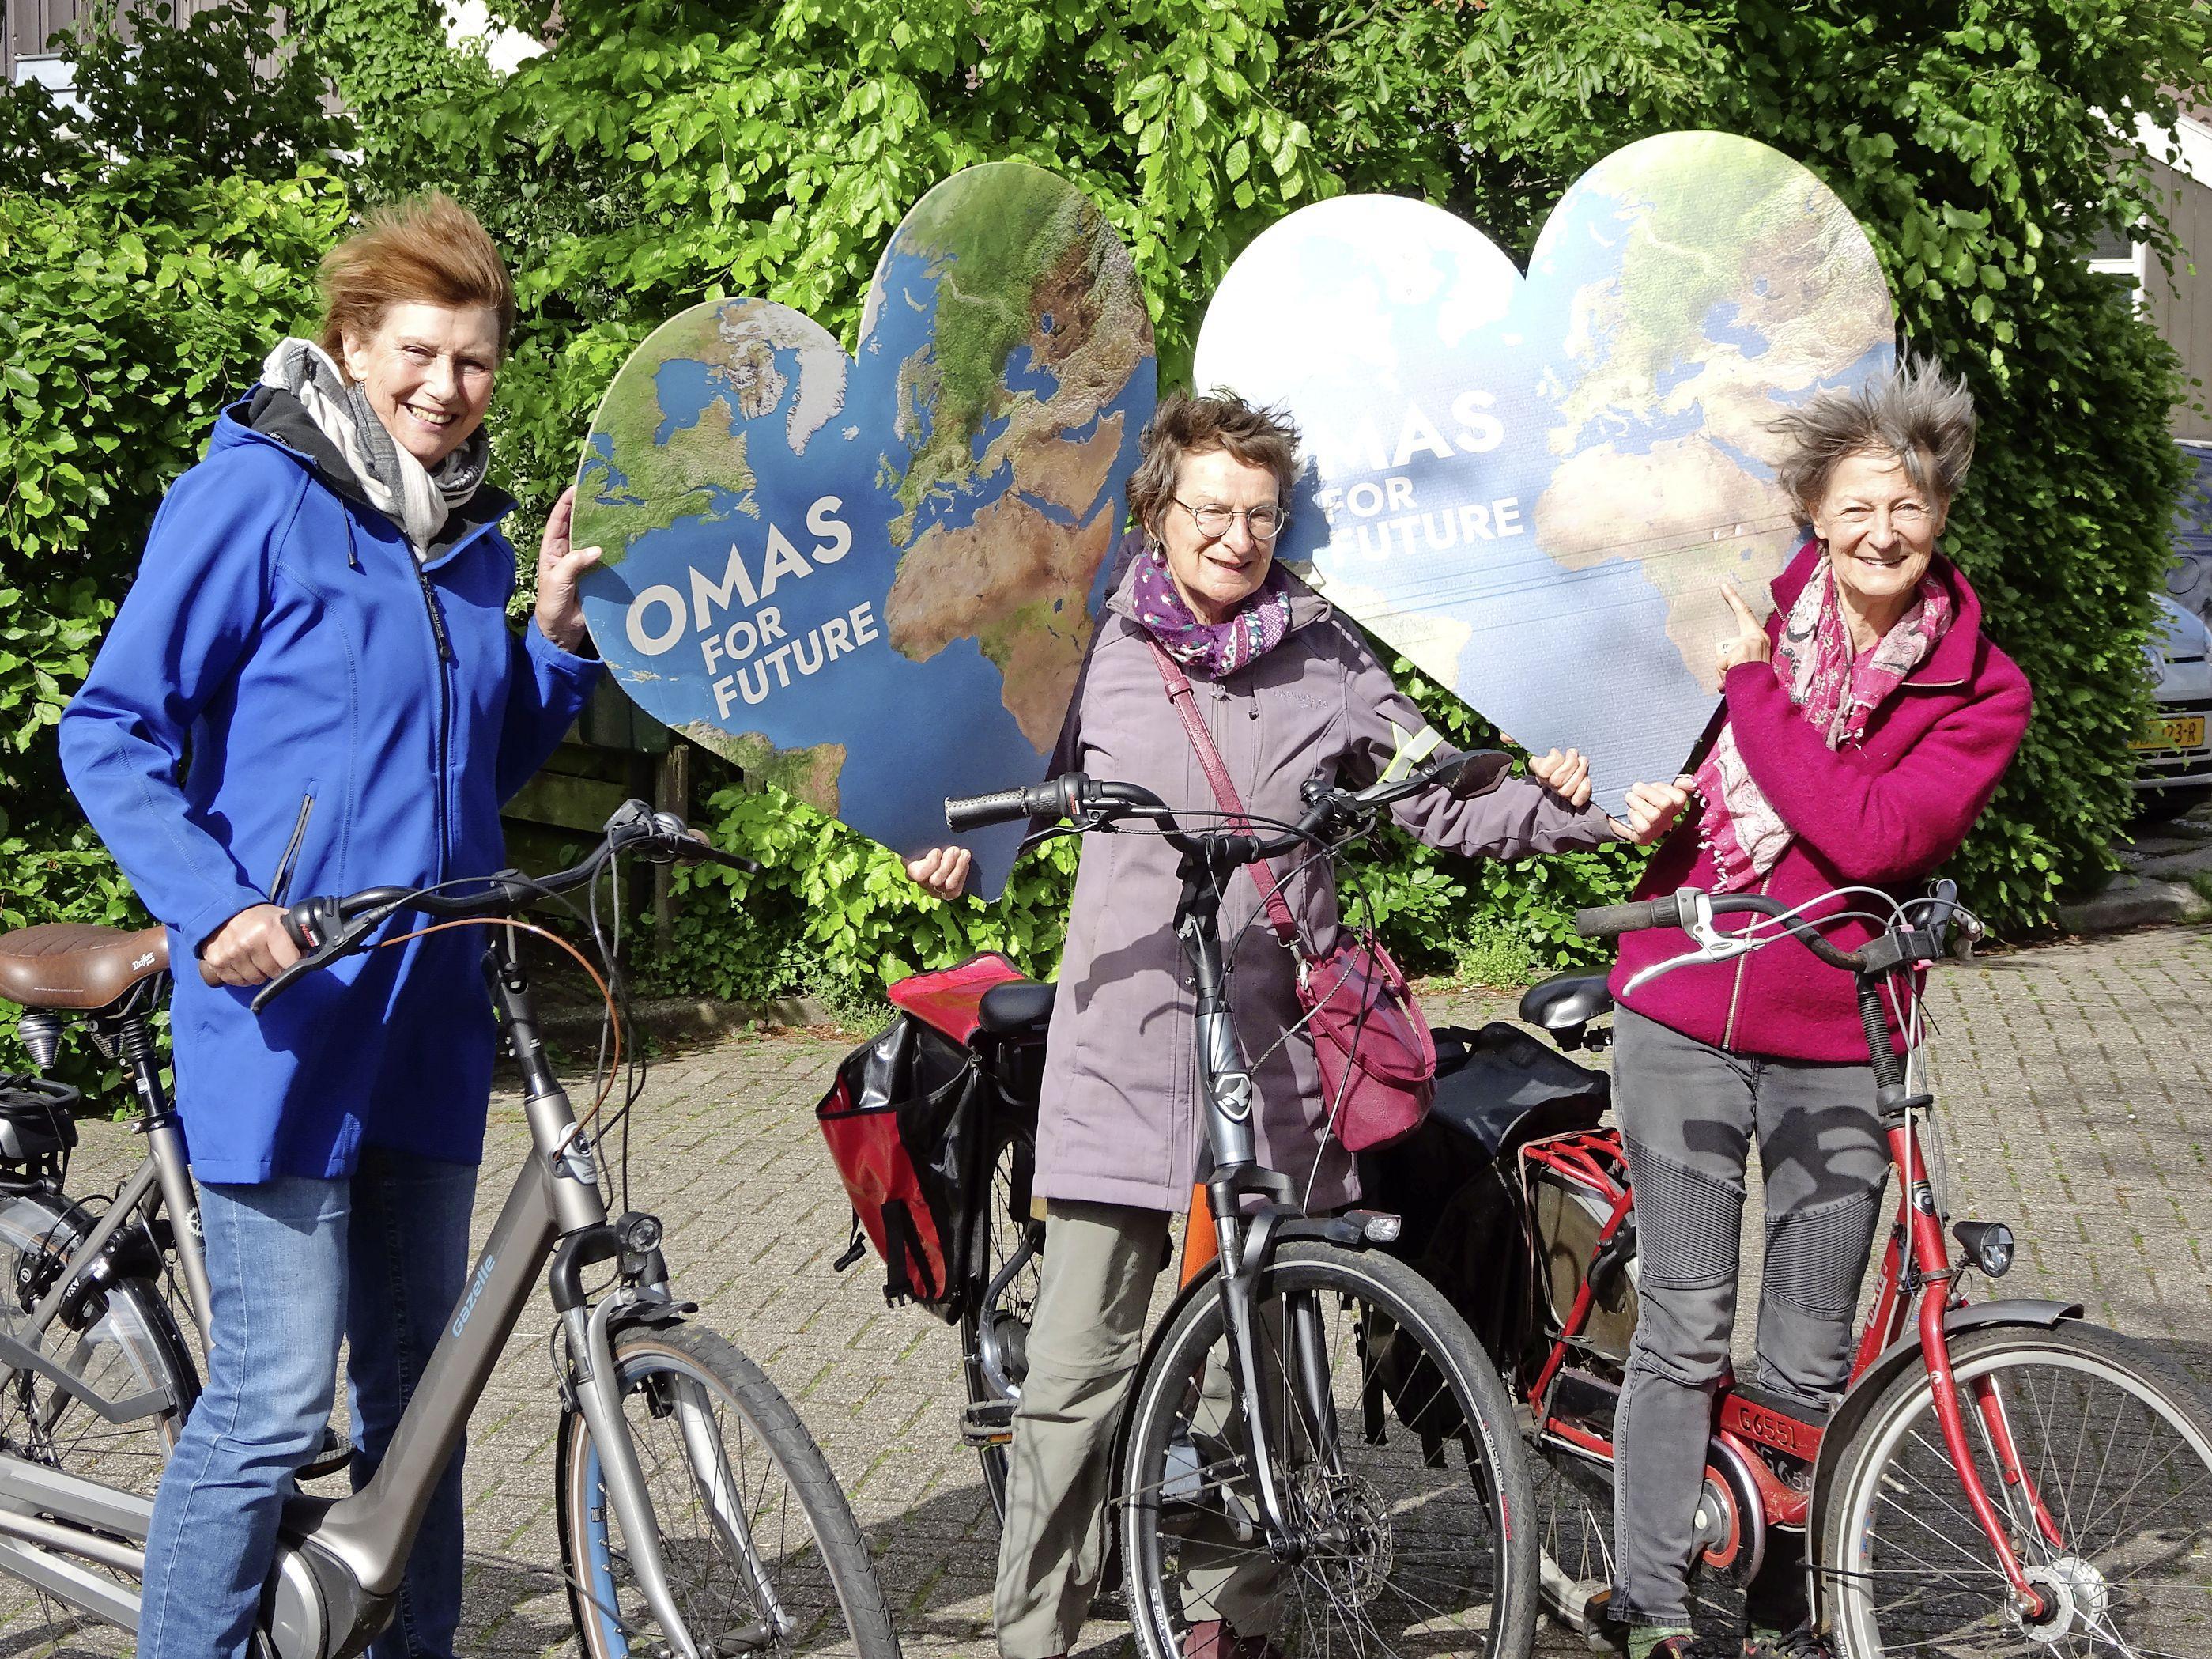 Oma's for Future uit Waterland fietsen voor beter klimaatbeleid: 'Het klimaat en ook de huidige politiek roepen er gewoon om'